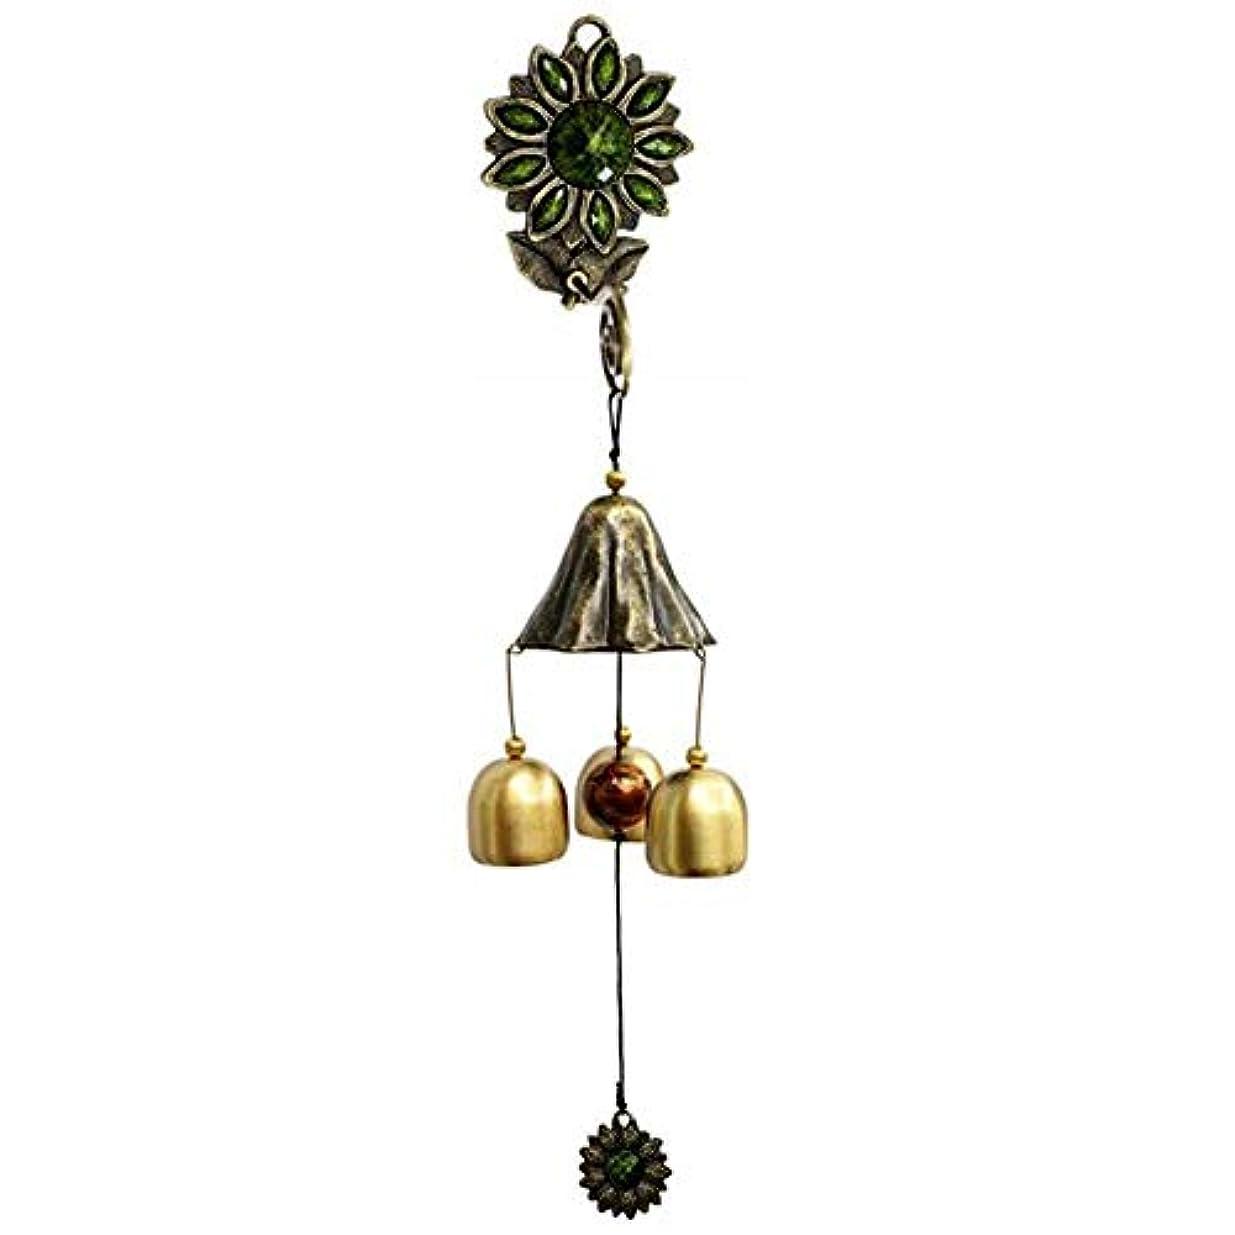 聖なる封筒棚Youshangshipin 風チャイム、ガーデンメタルクリエイティブひまわり風の鐘、グリーン、全長約35CM,美しいギフトボックス (Color : Green)